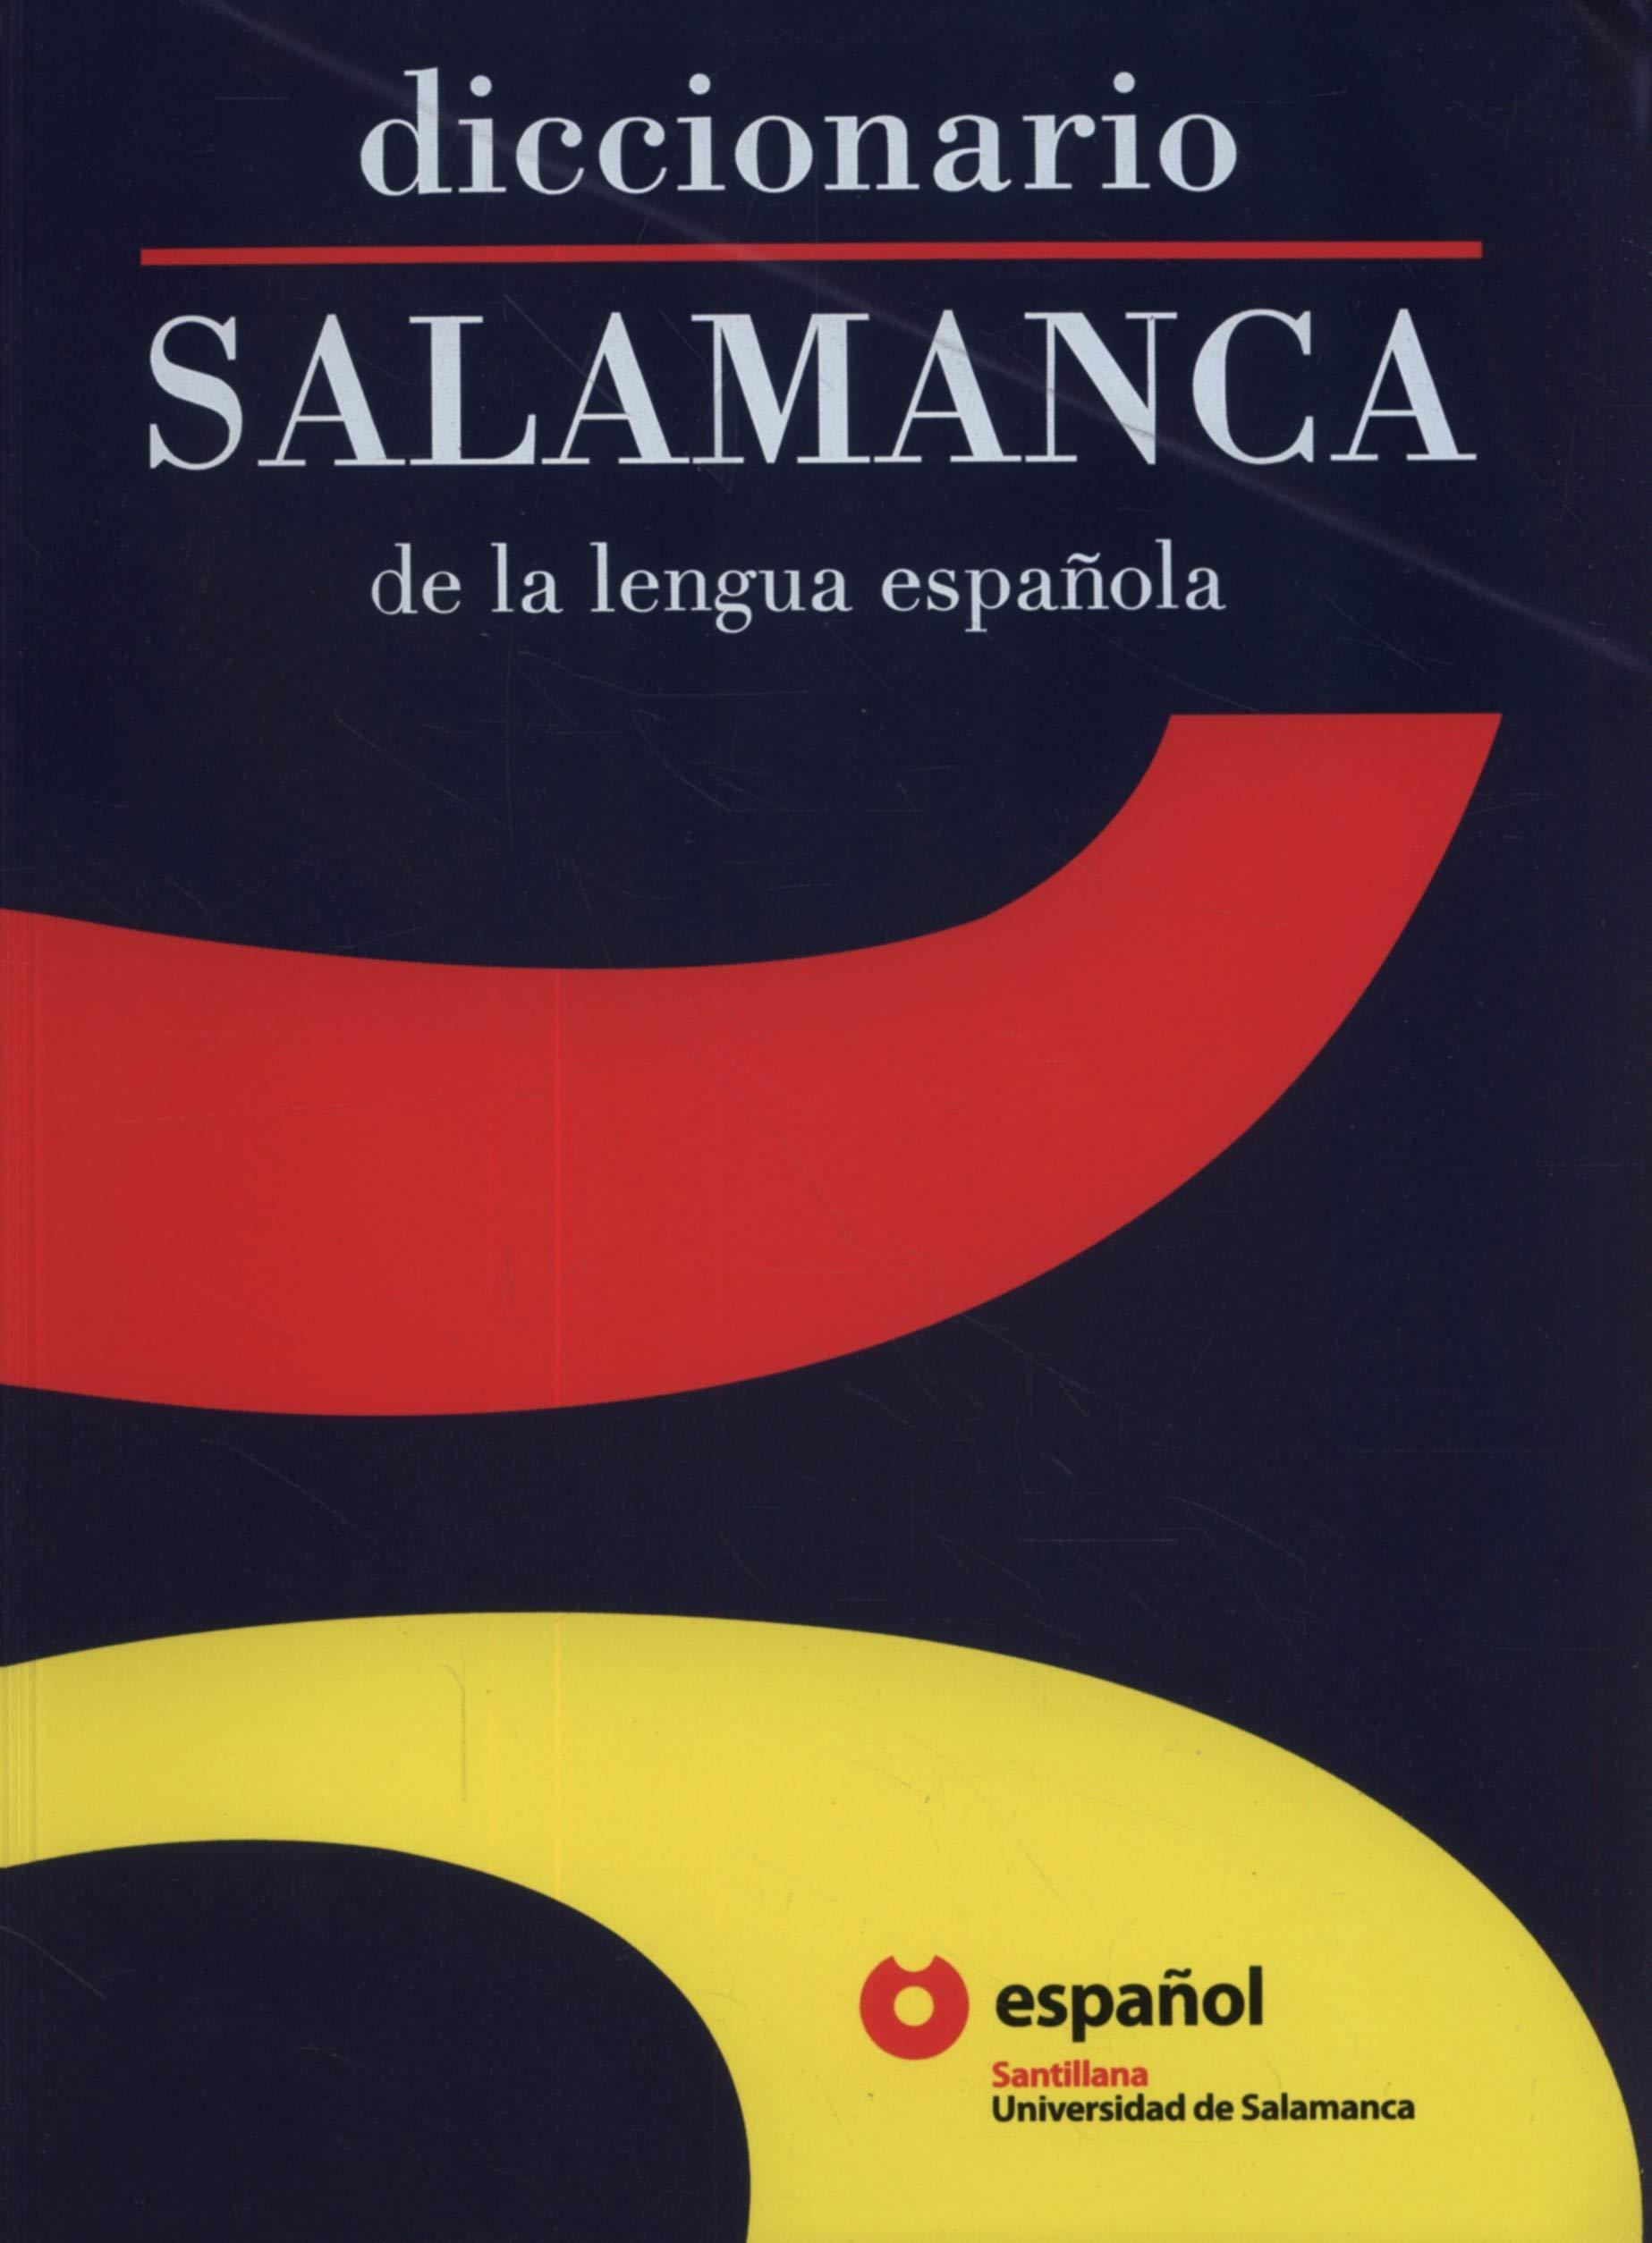 DICCIONARIO SALAMANCA DE LA LENGUA ESPAÑOLA ED06 Dictionary - 9788493453749: Amazon.es: Universidad de Salamanca: Libros